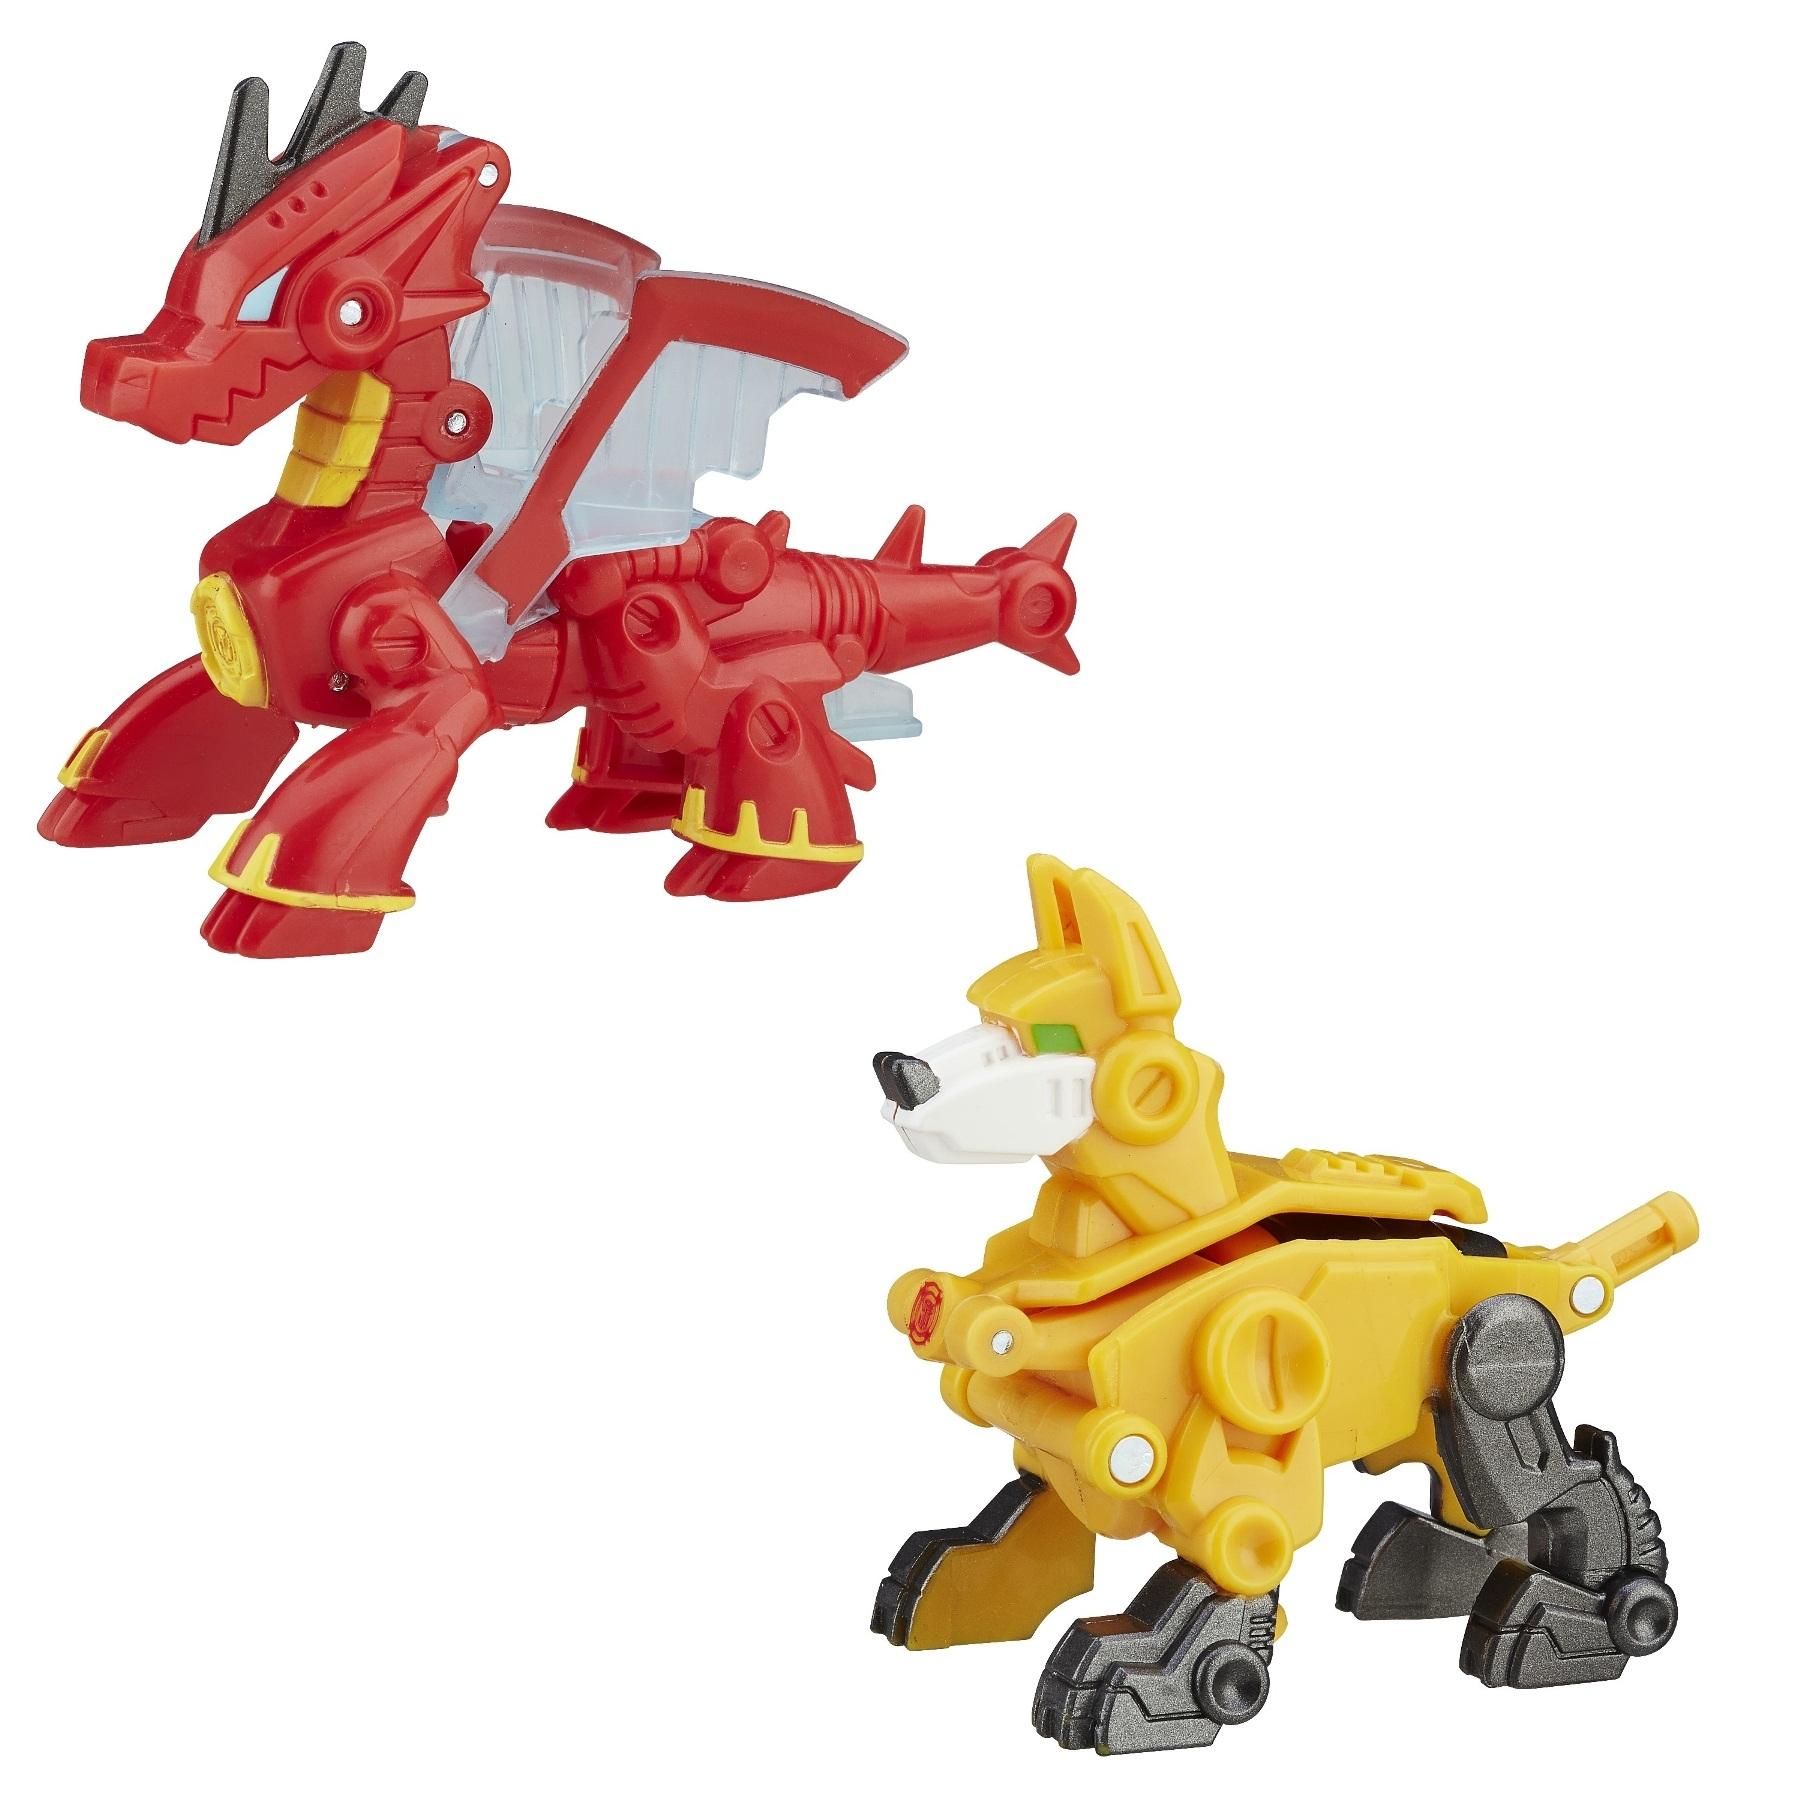 Робот-трансформер Playskool Heroes - Друзья-спасателиИгрушки трансформеры<br>Робот-трансформер Playskool Heroes - Друзья-спасатели<br>